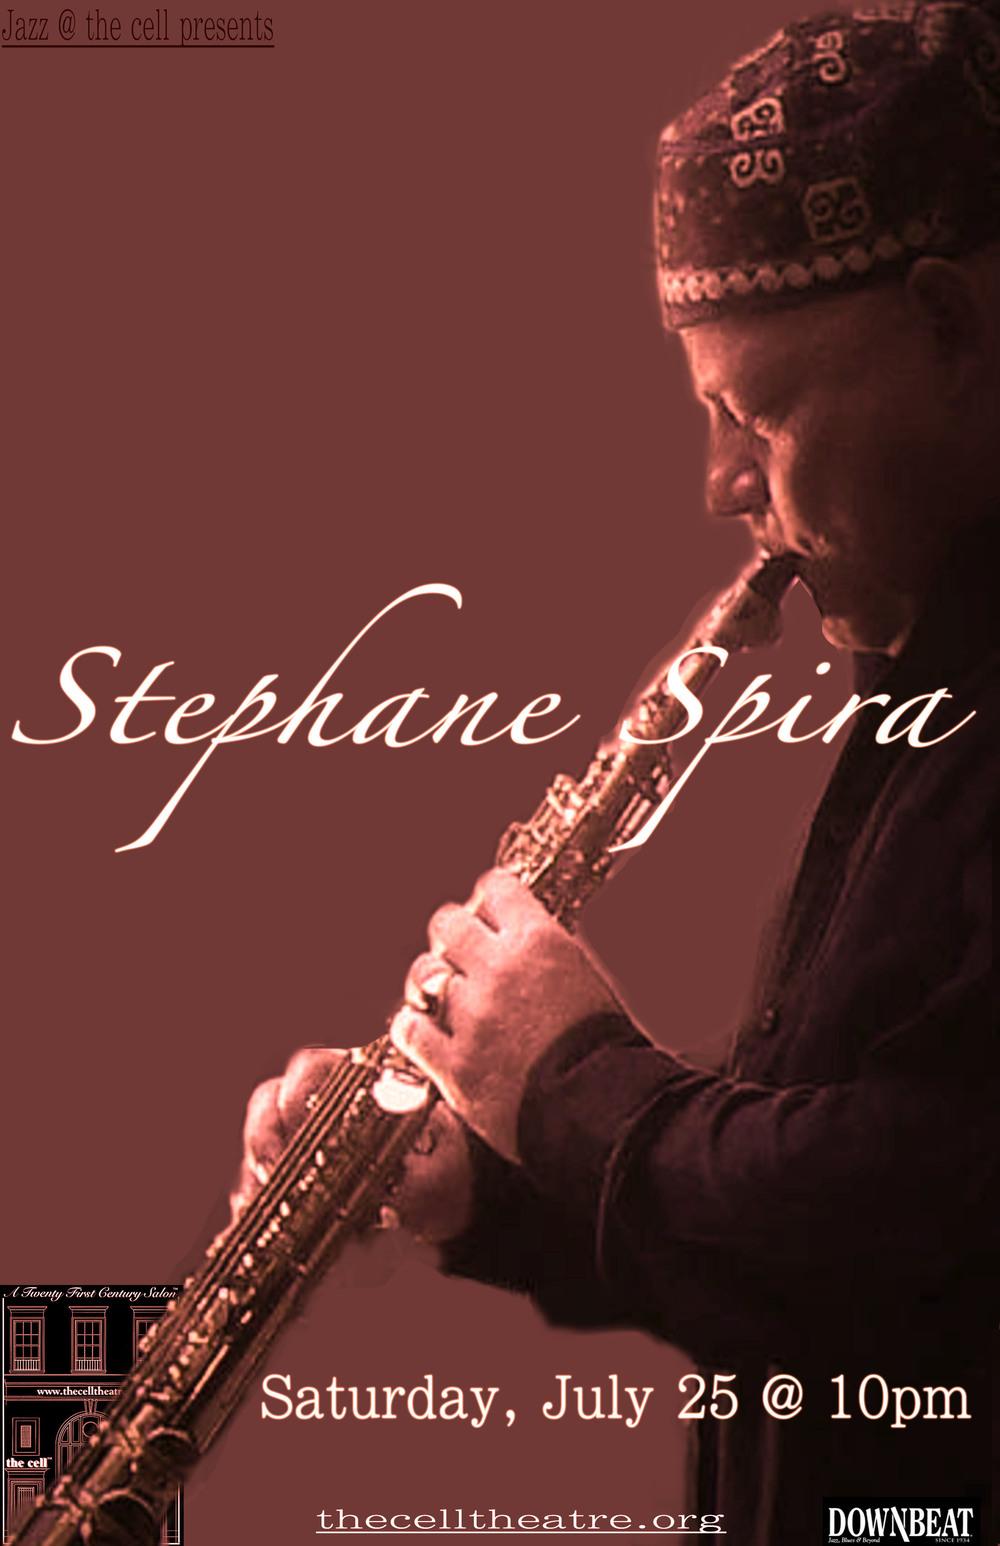 C'est le parcours atypique d'un homme, né en 1966, qui après avoir fait Maths Spé' et être passé brillamment par une école d'ingénieur, s'est retrouvé aux débuts des années 90 en Arabie Saoudite pour exercer avec tout le confort moderne ses talents d'électronicien expatrié. A son retour pourtant, il choisit de tout abandonner et de sauter dans le vide pour accomplir son destin : devenir à temps complet « musicien de jazz ». Comment ? Ensuivant un parcours « à l'ancienne », en autodidacte forcené. En refusant l'école de jazz pour se risquer à l'école « du » jazz. L'école de la nuit et des rencontres imprévues, de la tradition orale, des boeufs « after hours », des initiations amicales avec des musiciens forcément plus forts que lui. Pourquoi ? Parce qu'à 18ans, il avait vécu le choc d'écouter Miles dernière époque. Du coup, il s'engage avec avidité et détermination dans la découverte à rebours de toute l'histoire de cette musique. En 1996 il crée son premier quartet avec le guitariste Jean-Luc Roumier. Avec le saxophone, la composition devient dès lors sa deuxième passion, celle qui lui permet de conjuguer en toute liberté, sa verve mélodique avec sa science poétique de l'harmonie. A cette date il multiplie les relations. Il y a eu d'abord Bernard Rabaud qui l'a repéré lors d'un boeuf au Petit Op' à la glorieuse époque des « Nuits blanches ». Il enregistre en 2006 un premier disque sous son nom : « First Page » (Bee Jazz) avec Olivier Hutman, Philippe Soirat et Gilles Naturel. En 2009, sort « SpiraBassi » en duo avec Giovanni Mirabassi. A partir de janvier 2010, Stéphane s'installe à New York, il revient régulièrement à Paris, et notamment pour enregistrer « Round about Jobim » avec Lionel Belmondo et sa formation « l'Hymne au soleil » qui sortira en avril 2012. 2014 marque la parution de l'album « In Between » dont la musique (et le titre) reflètent 3 ans de va et viens entre Paris et New York. Ce disque est également le premier enregistrement new yorkais de Stéphan